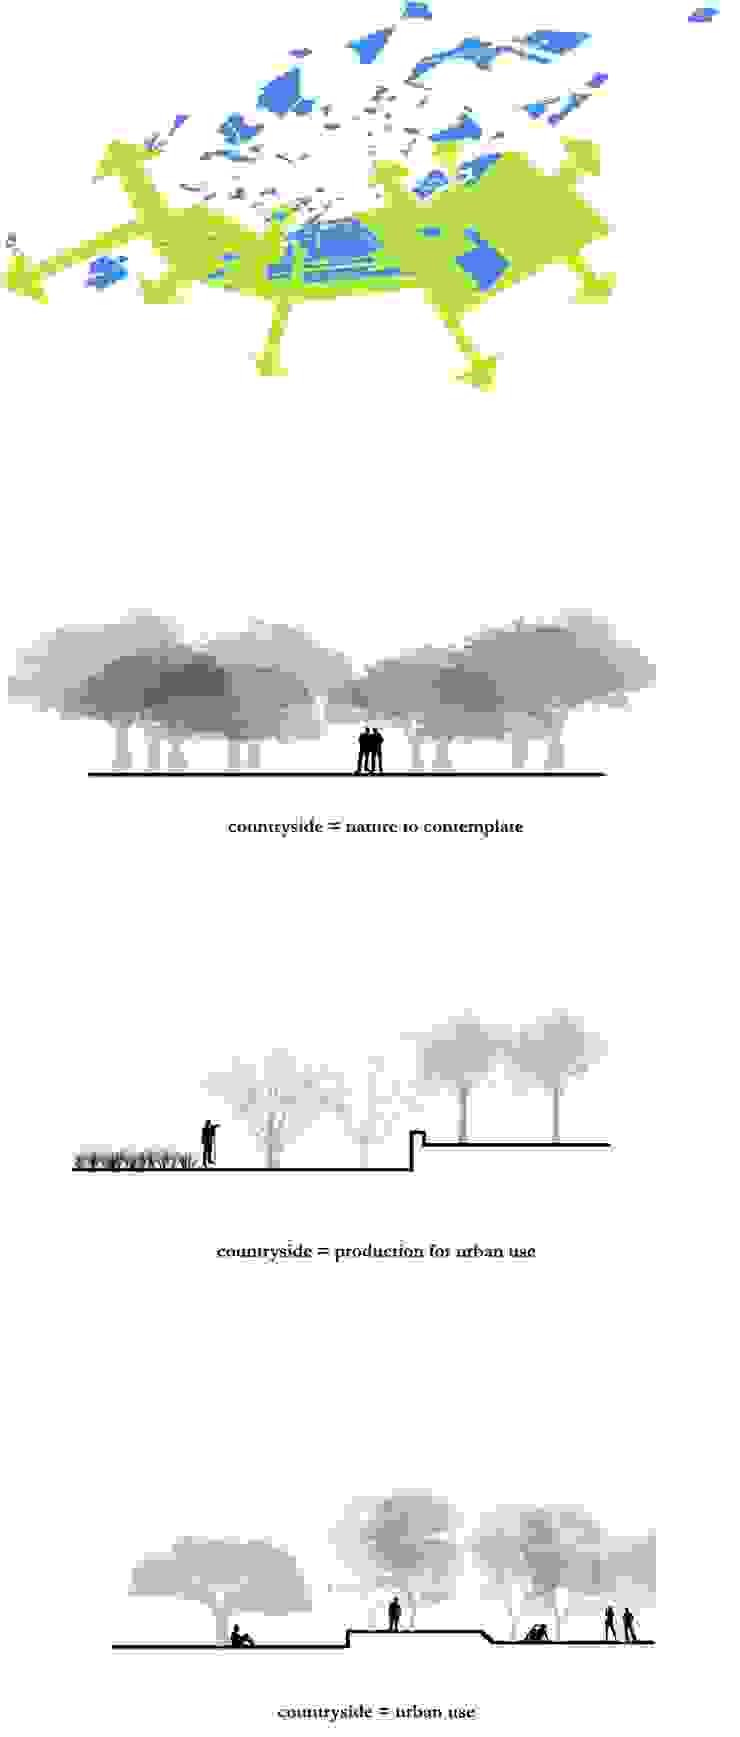 Alternative use of the countryside | Uso alternativo della campagna di factory architettura